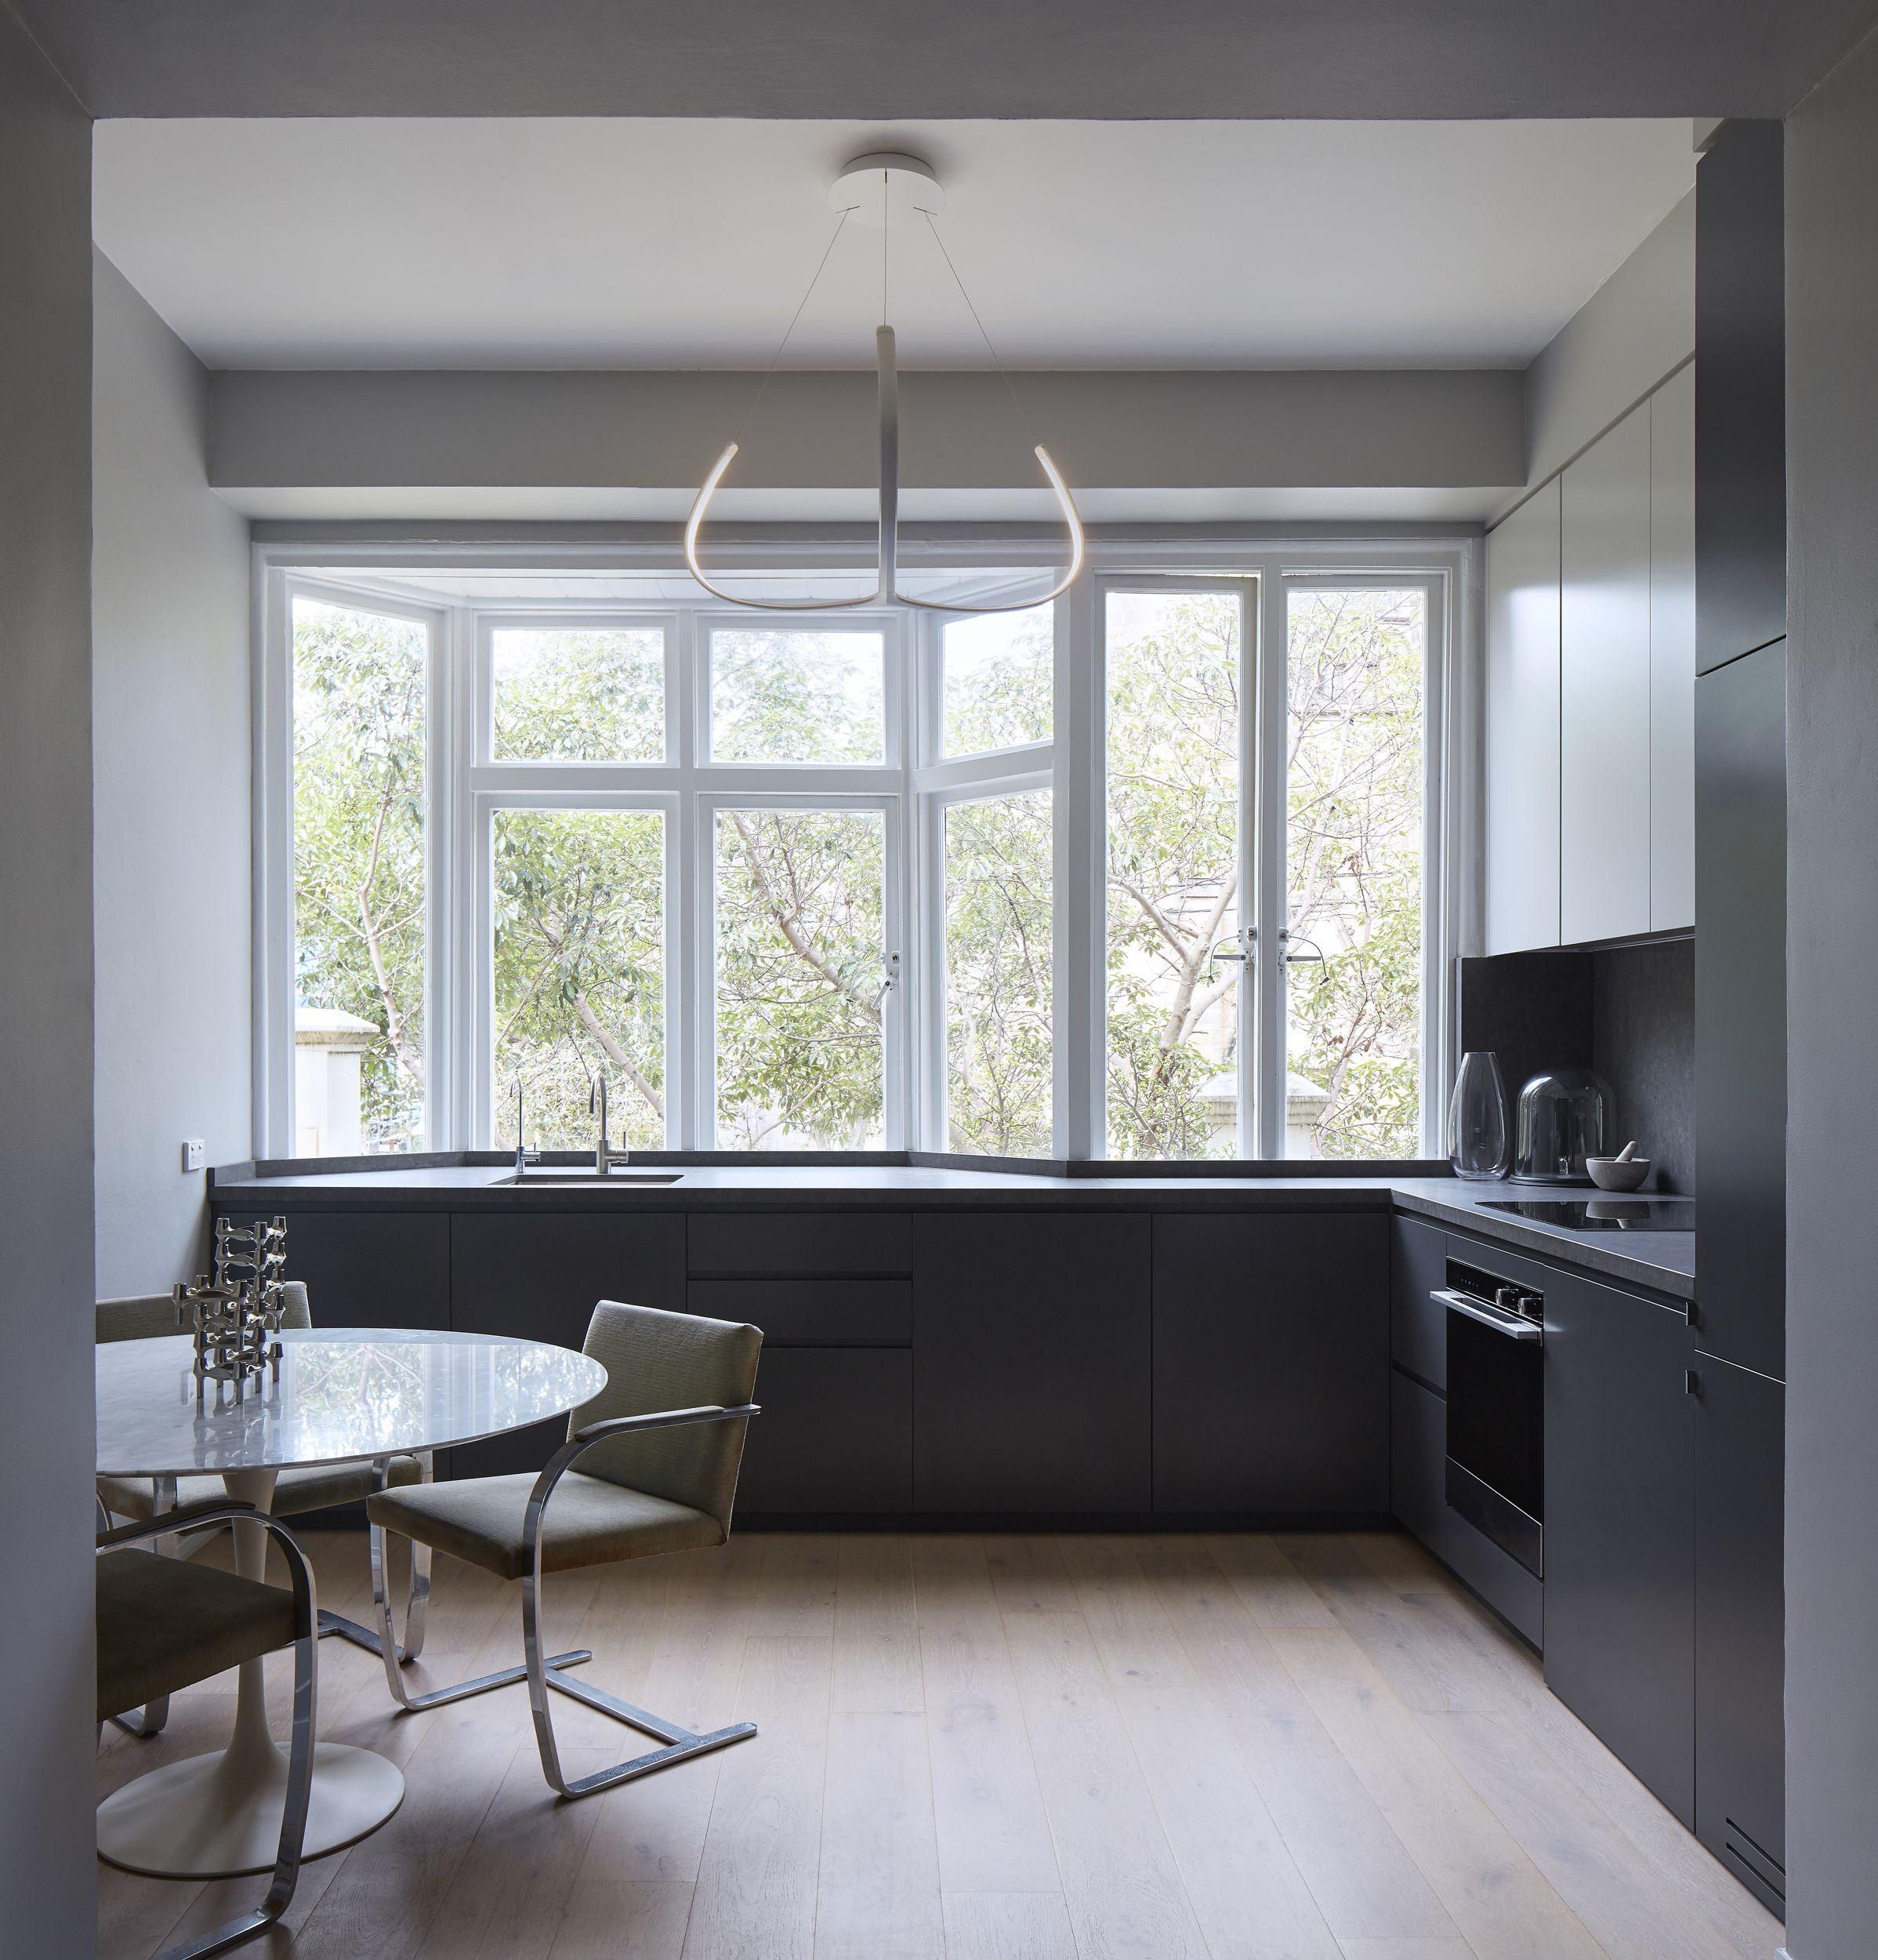 Period Kitchens Designs Renovation: Kitchen Design, Interior